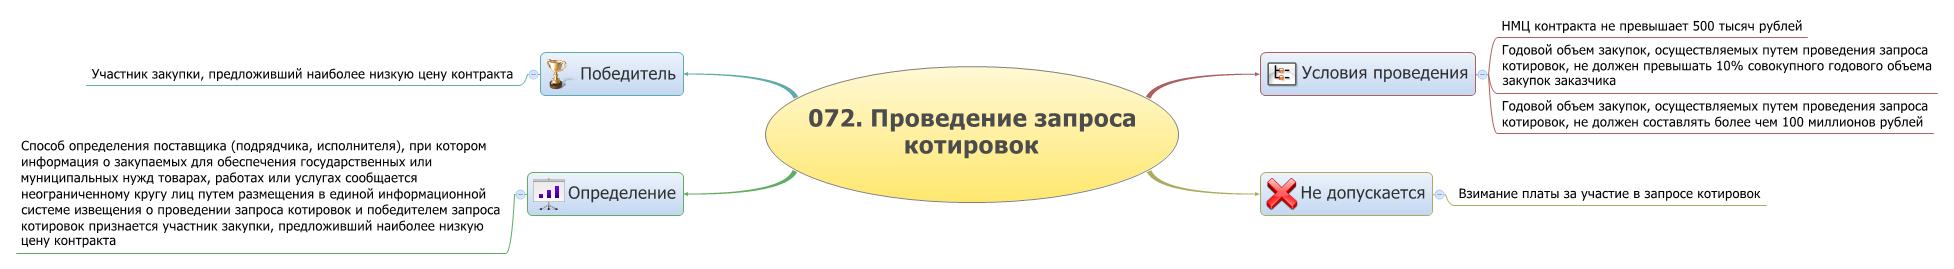 запрос котировок схема проведения